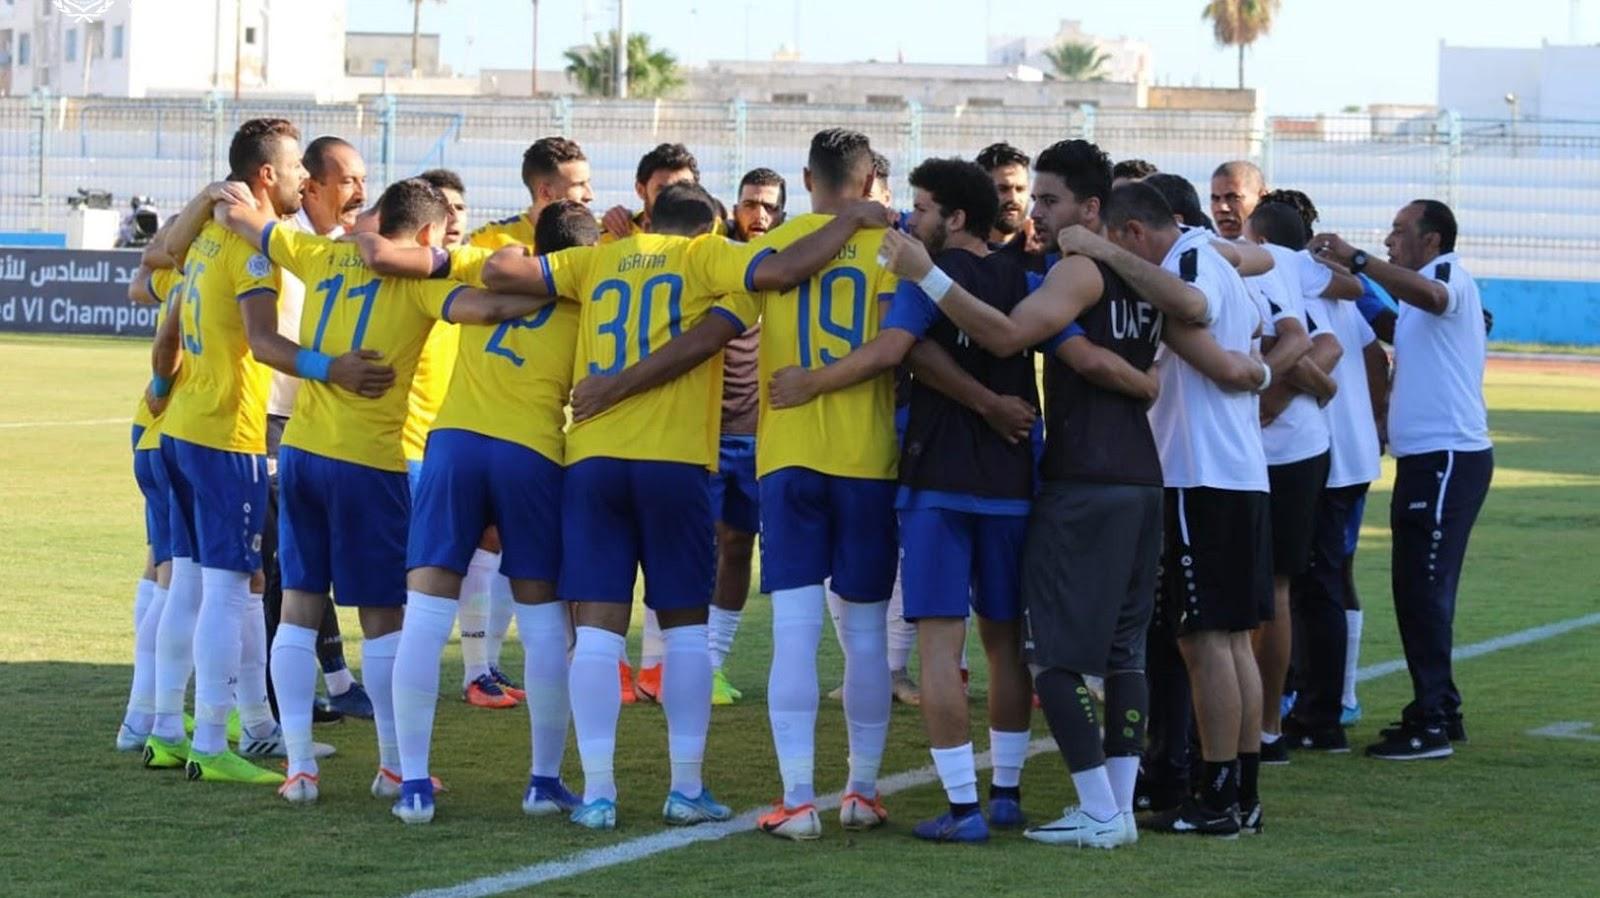 مشاهدة مباراة الاسماعيلي والجزيرة الاماراتي بث مباشر اليوم 23-10-2019 في البطولة العربية